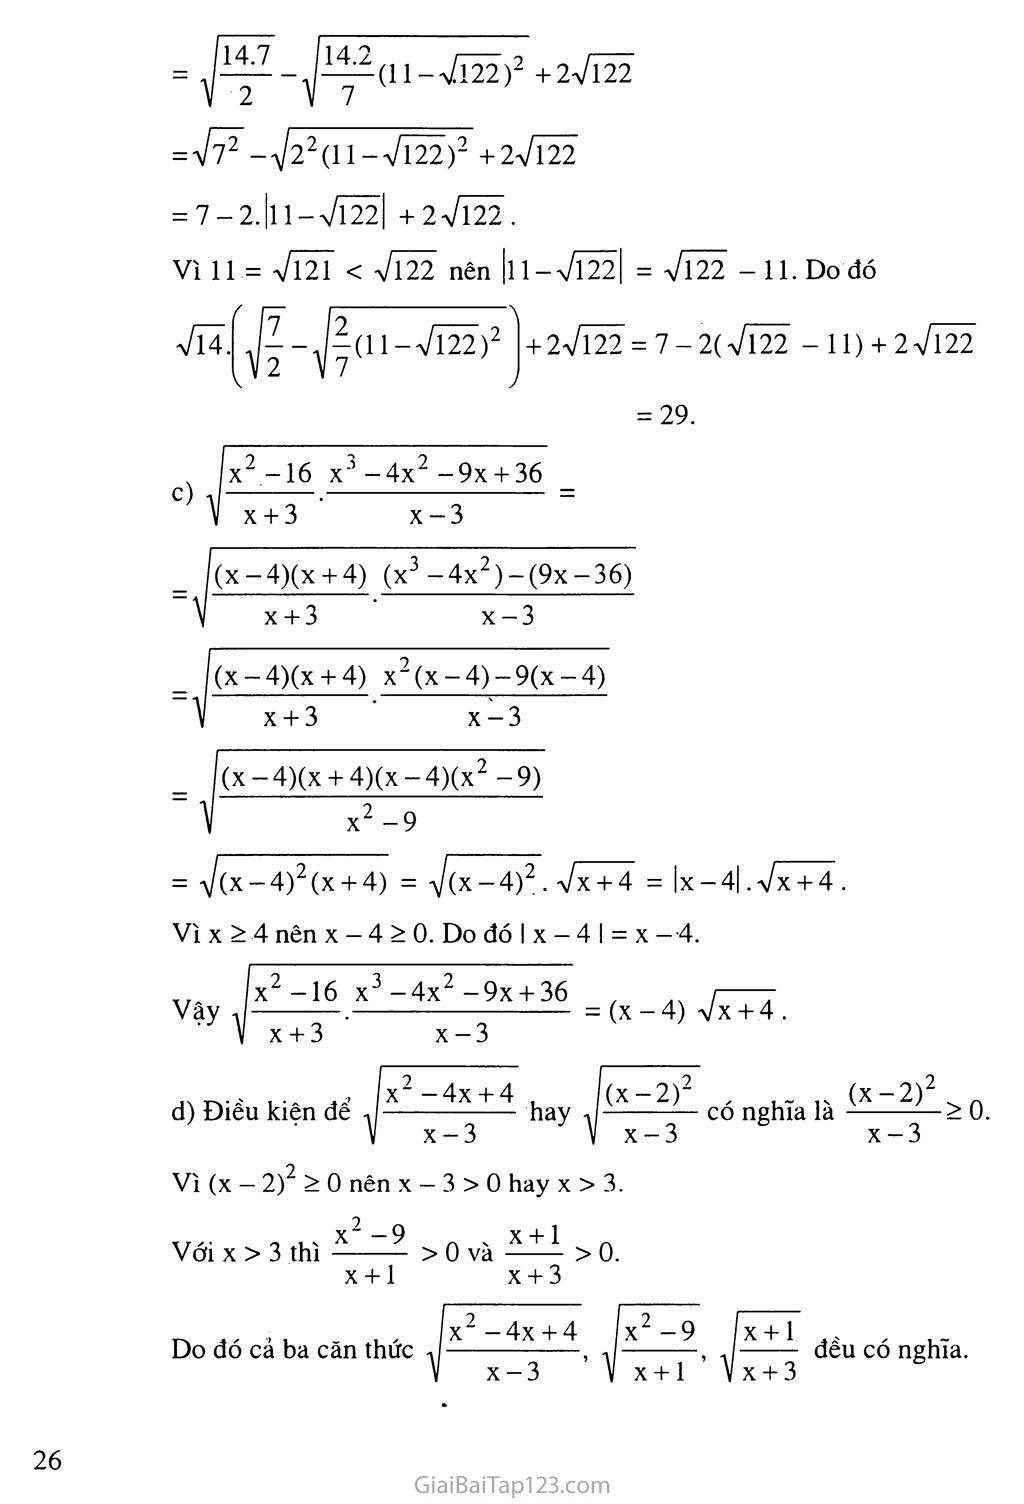 Bài 3.  Liên hệ giữa phép nhân và phép khai phương trang 7